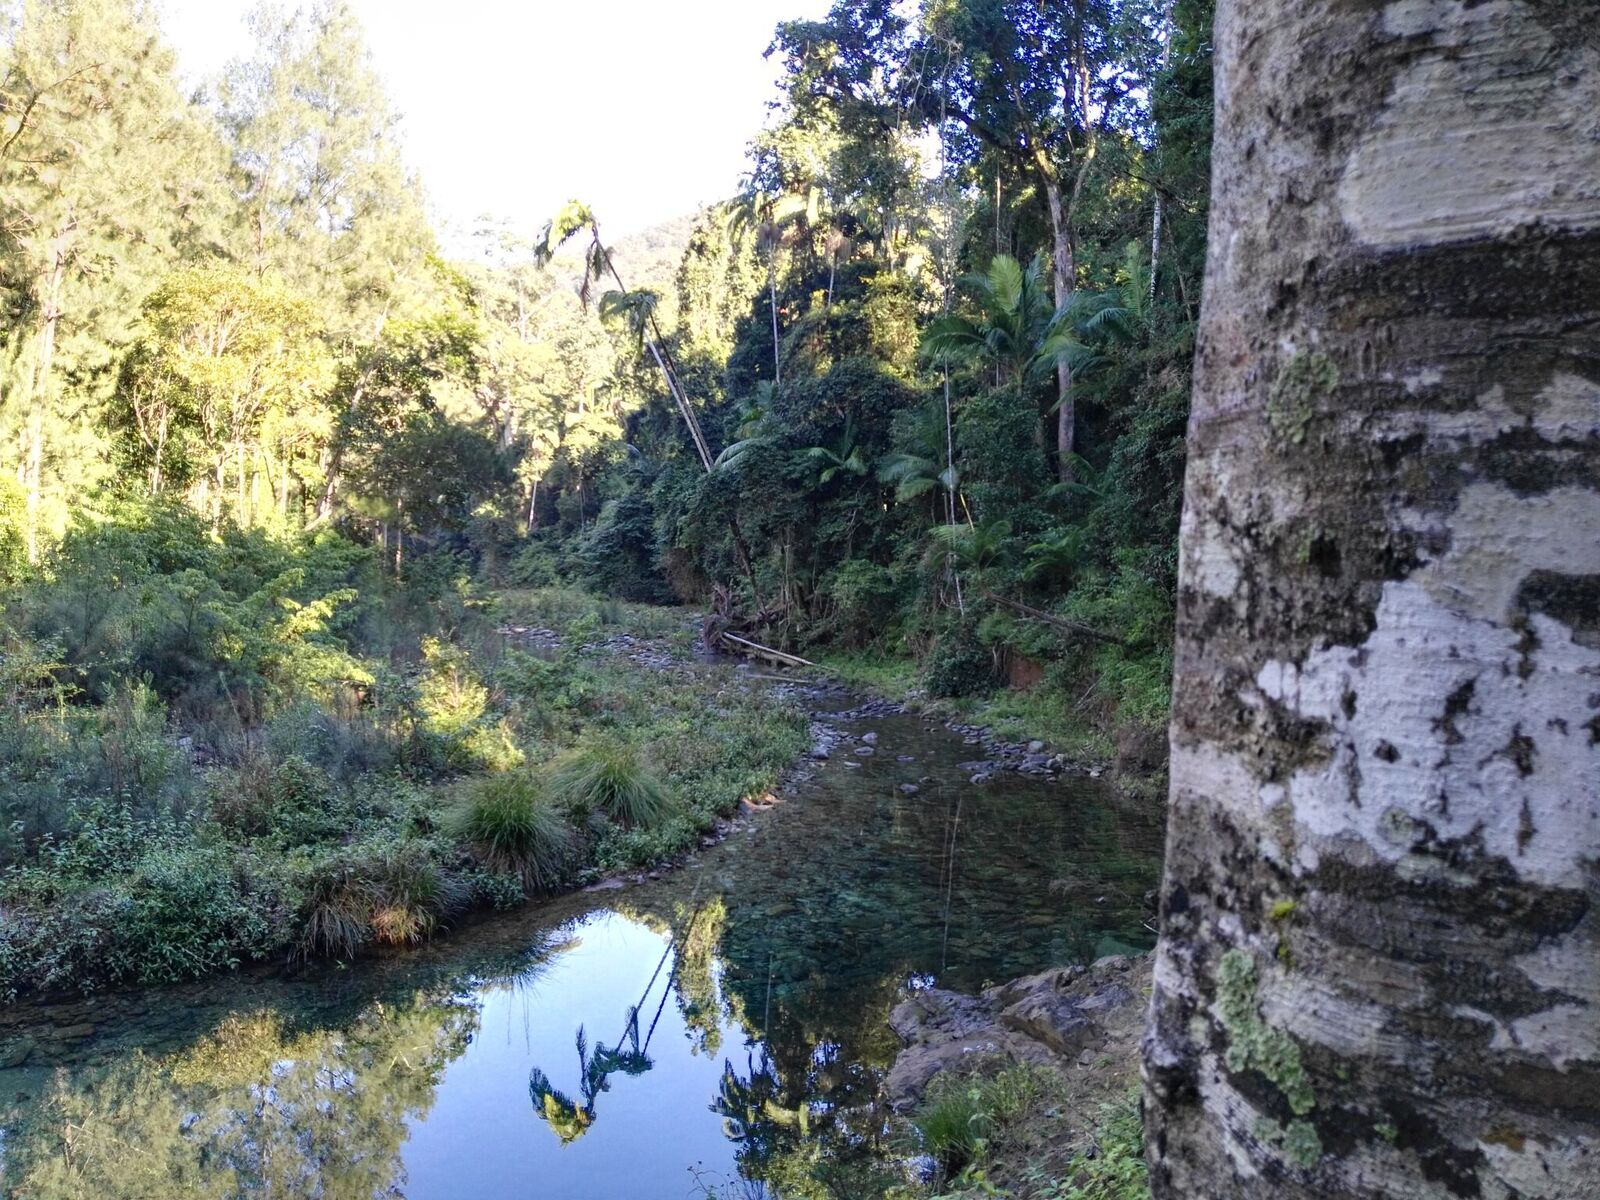 Eidsvold Creek